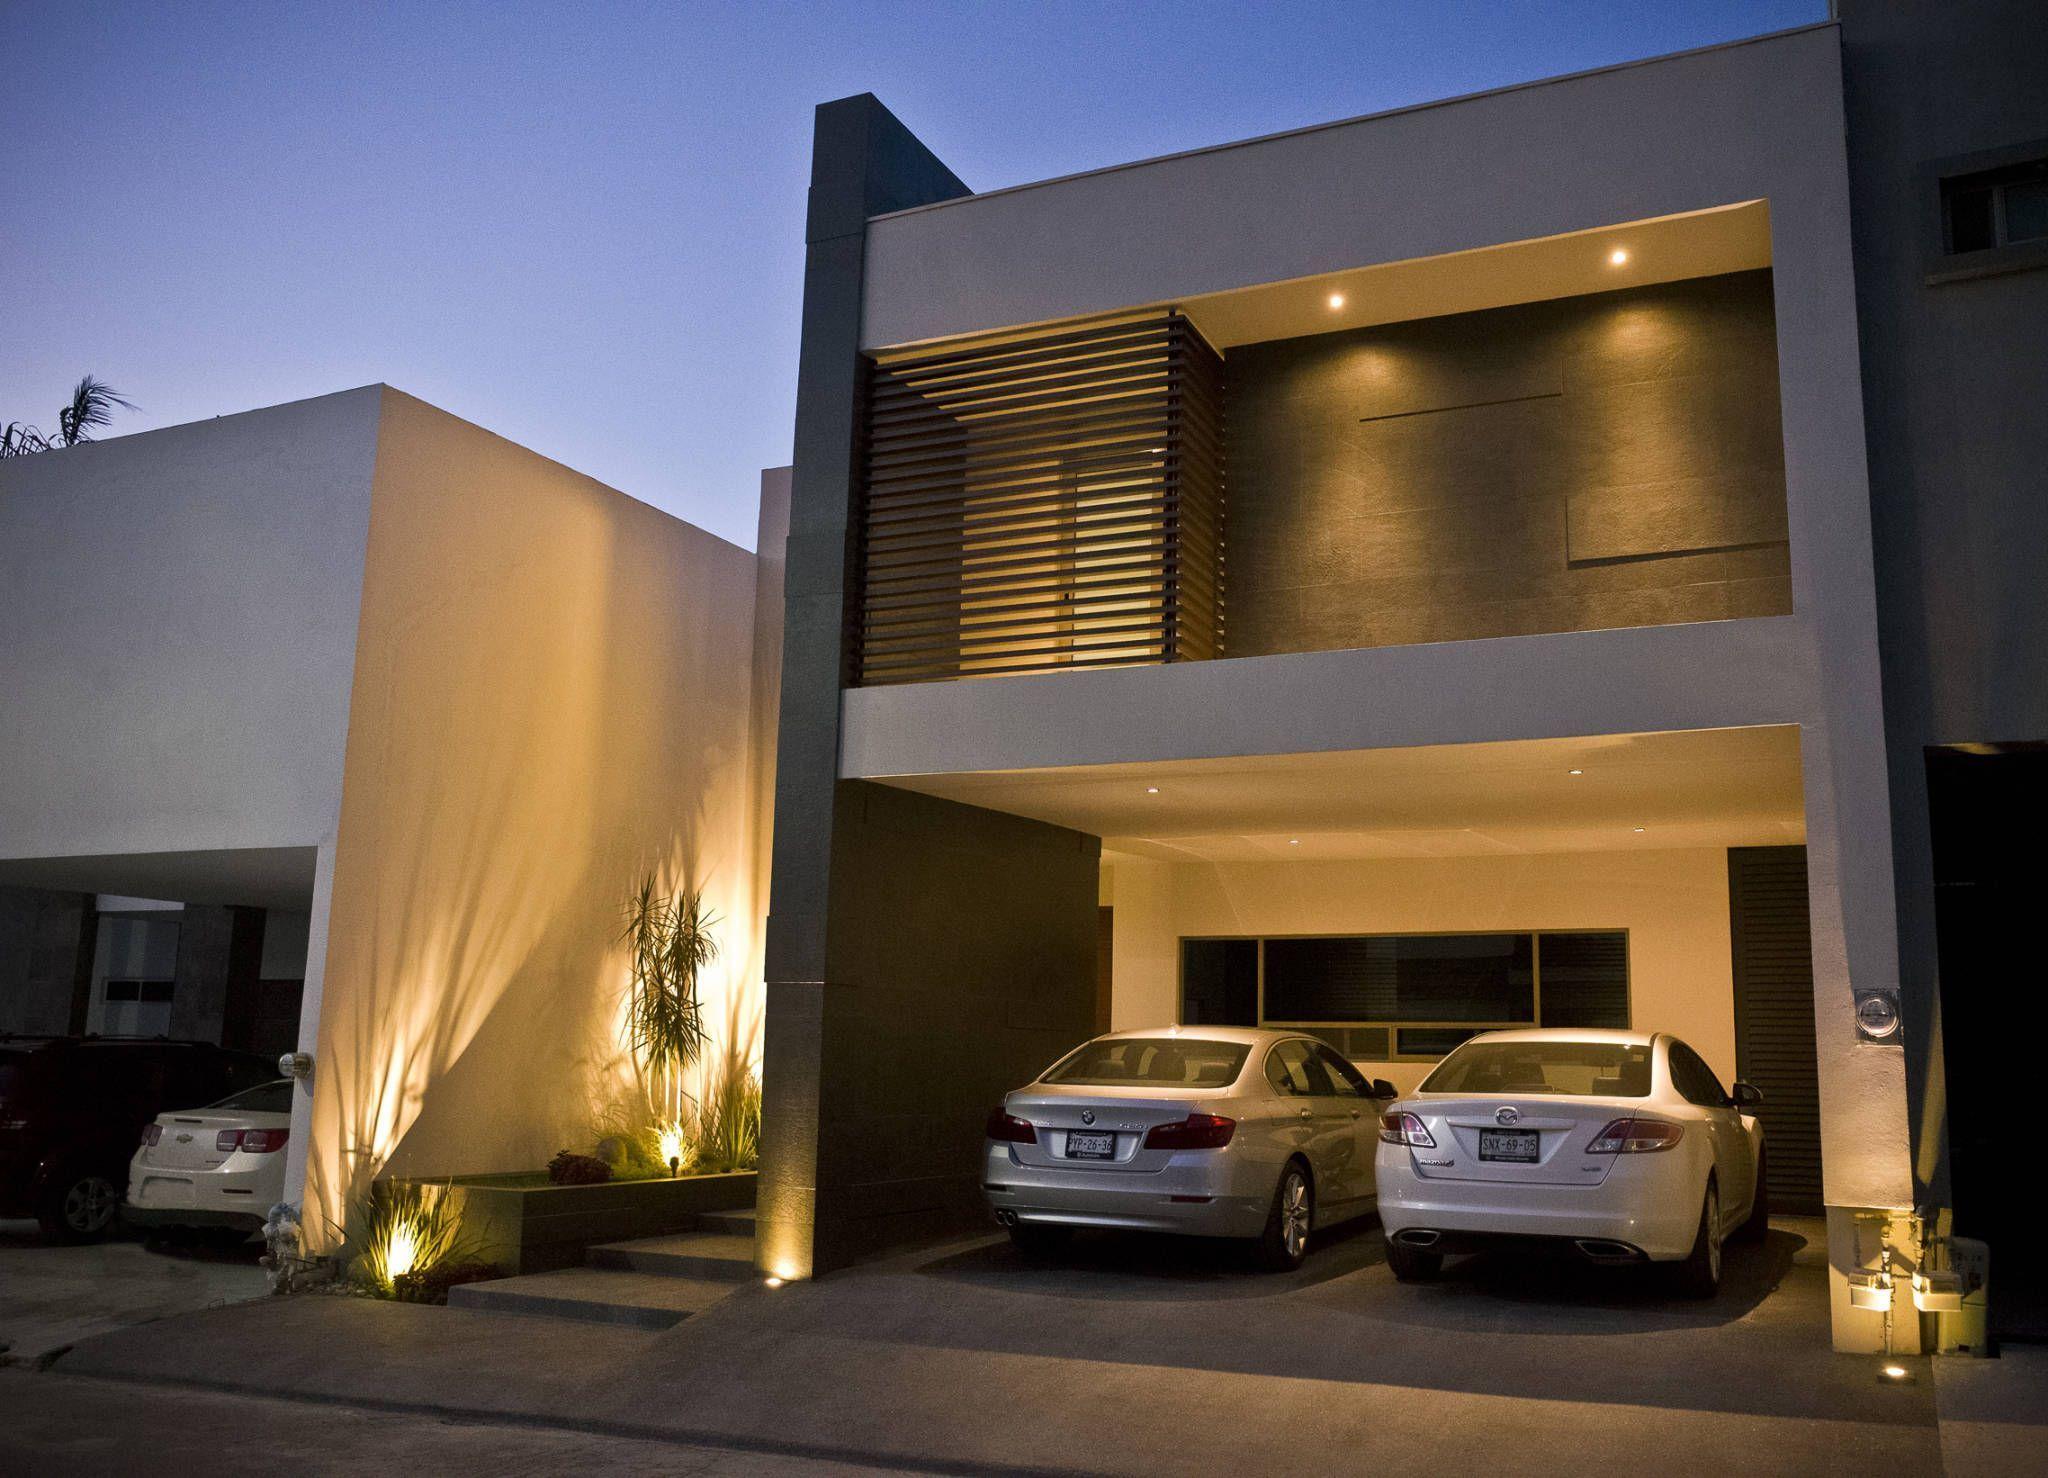 Fachada principal casas de estilo por fc3arquitectura for Fachadas de casas bonitas y modernas